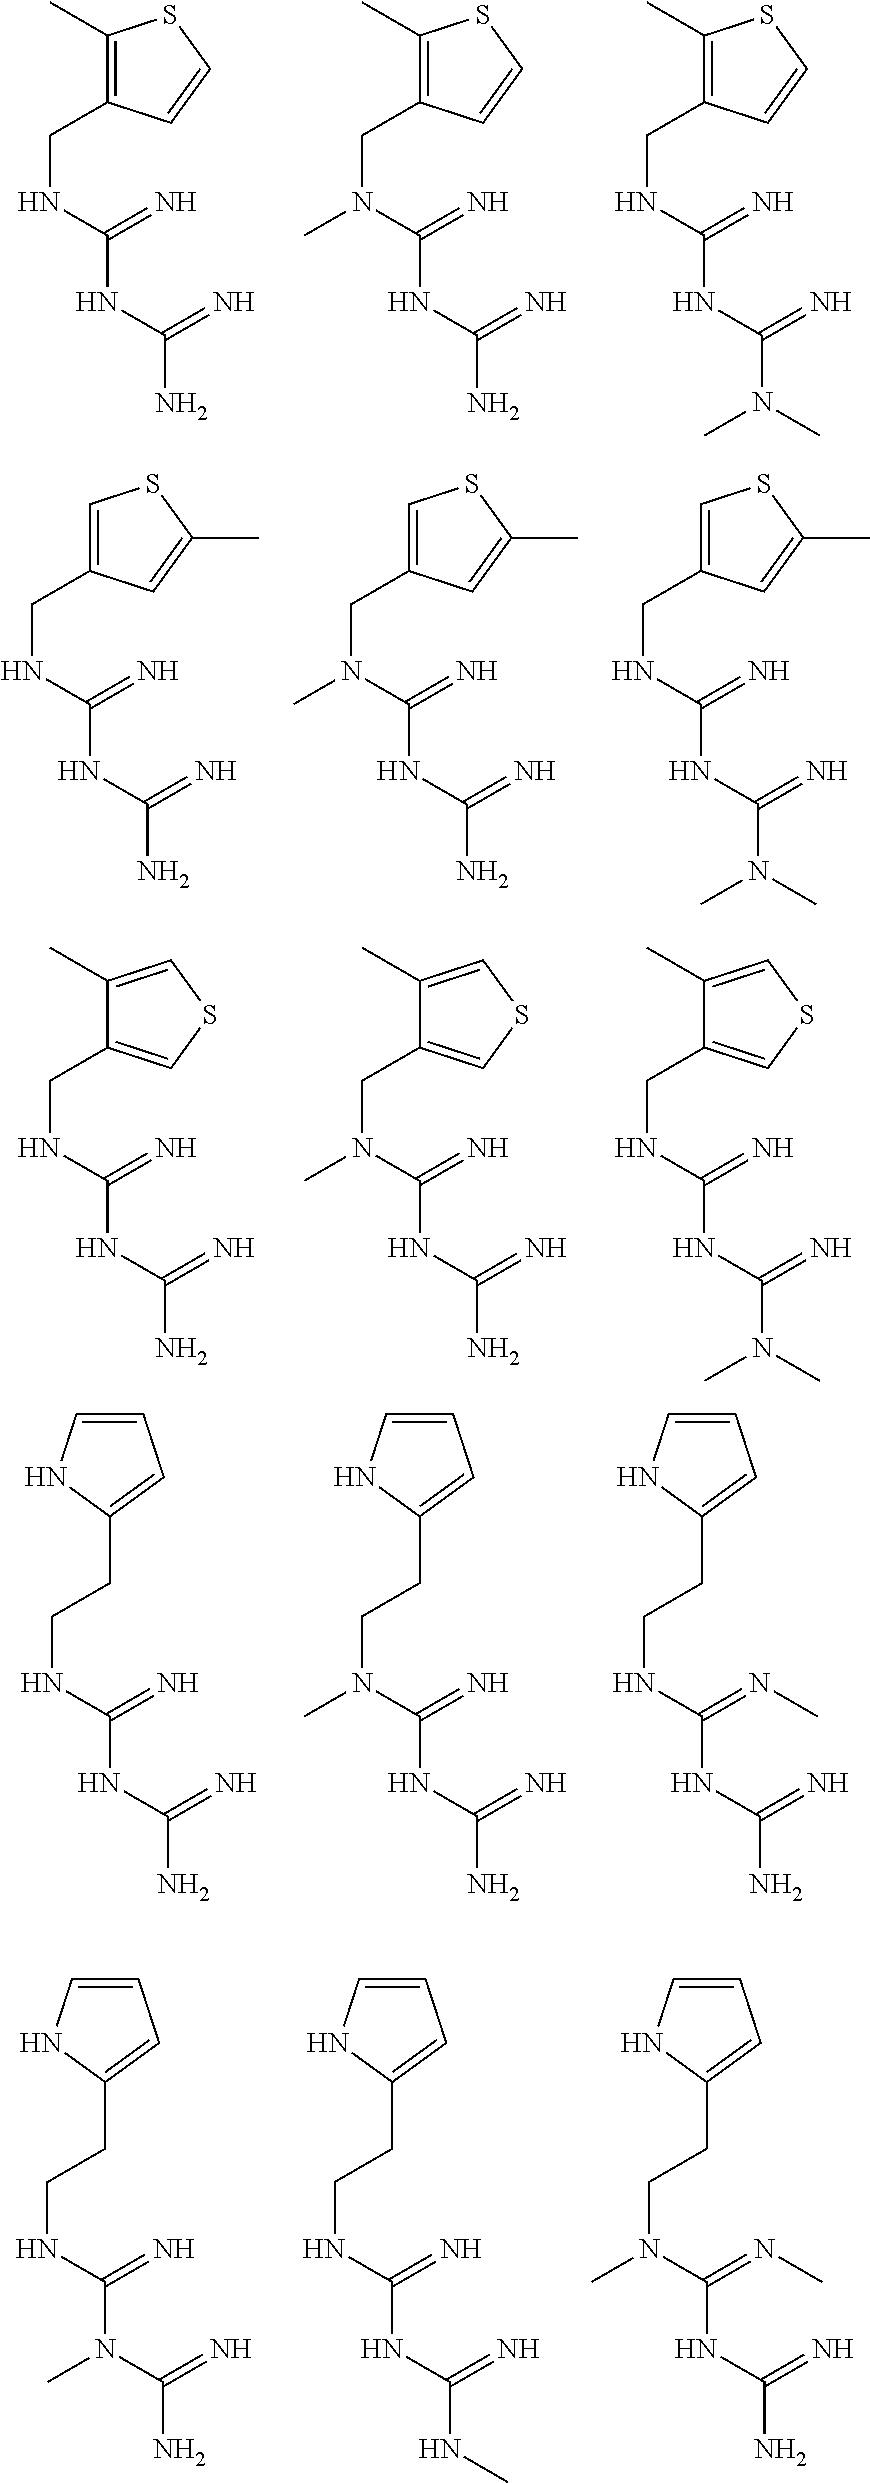 Figure US09480663-20161101-C00040